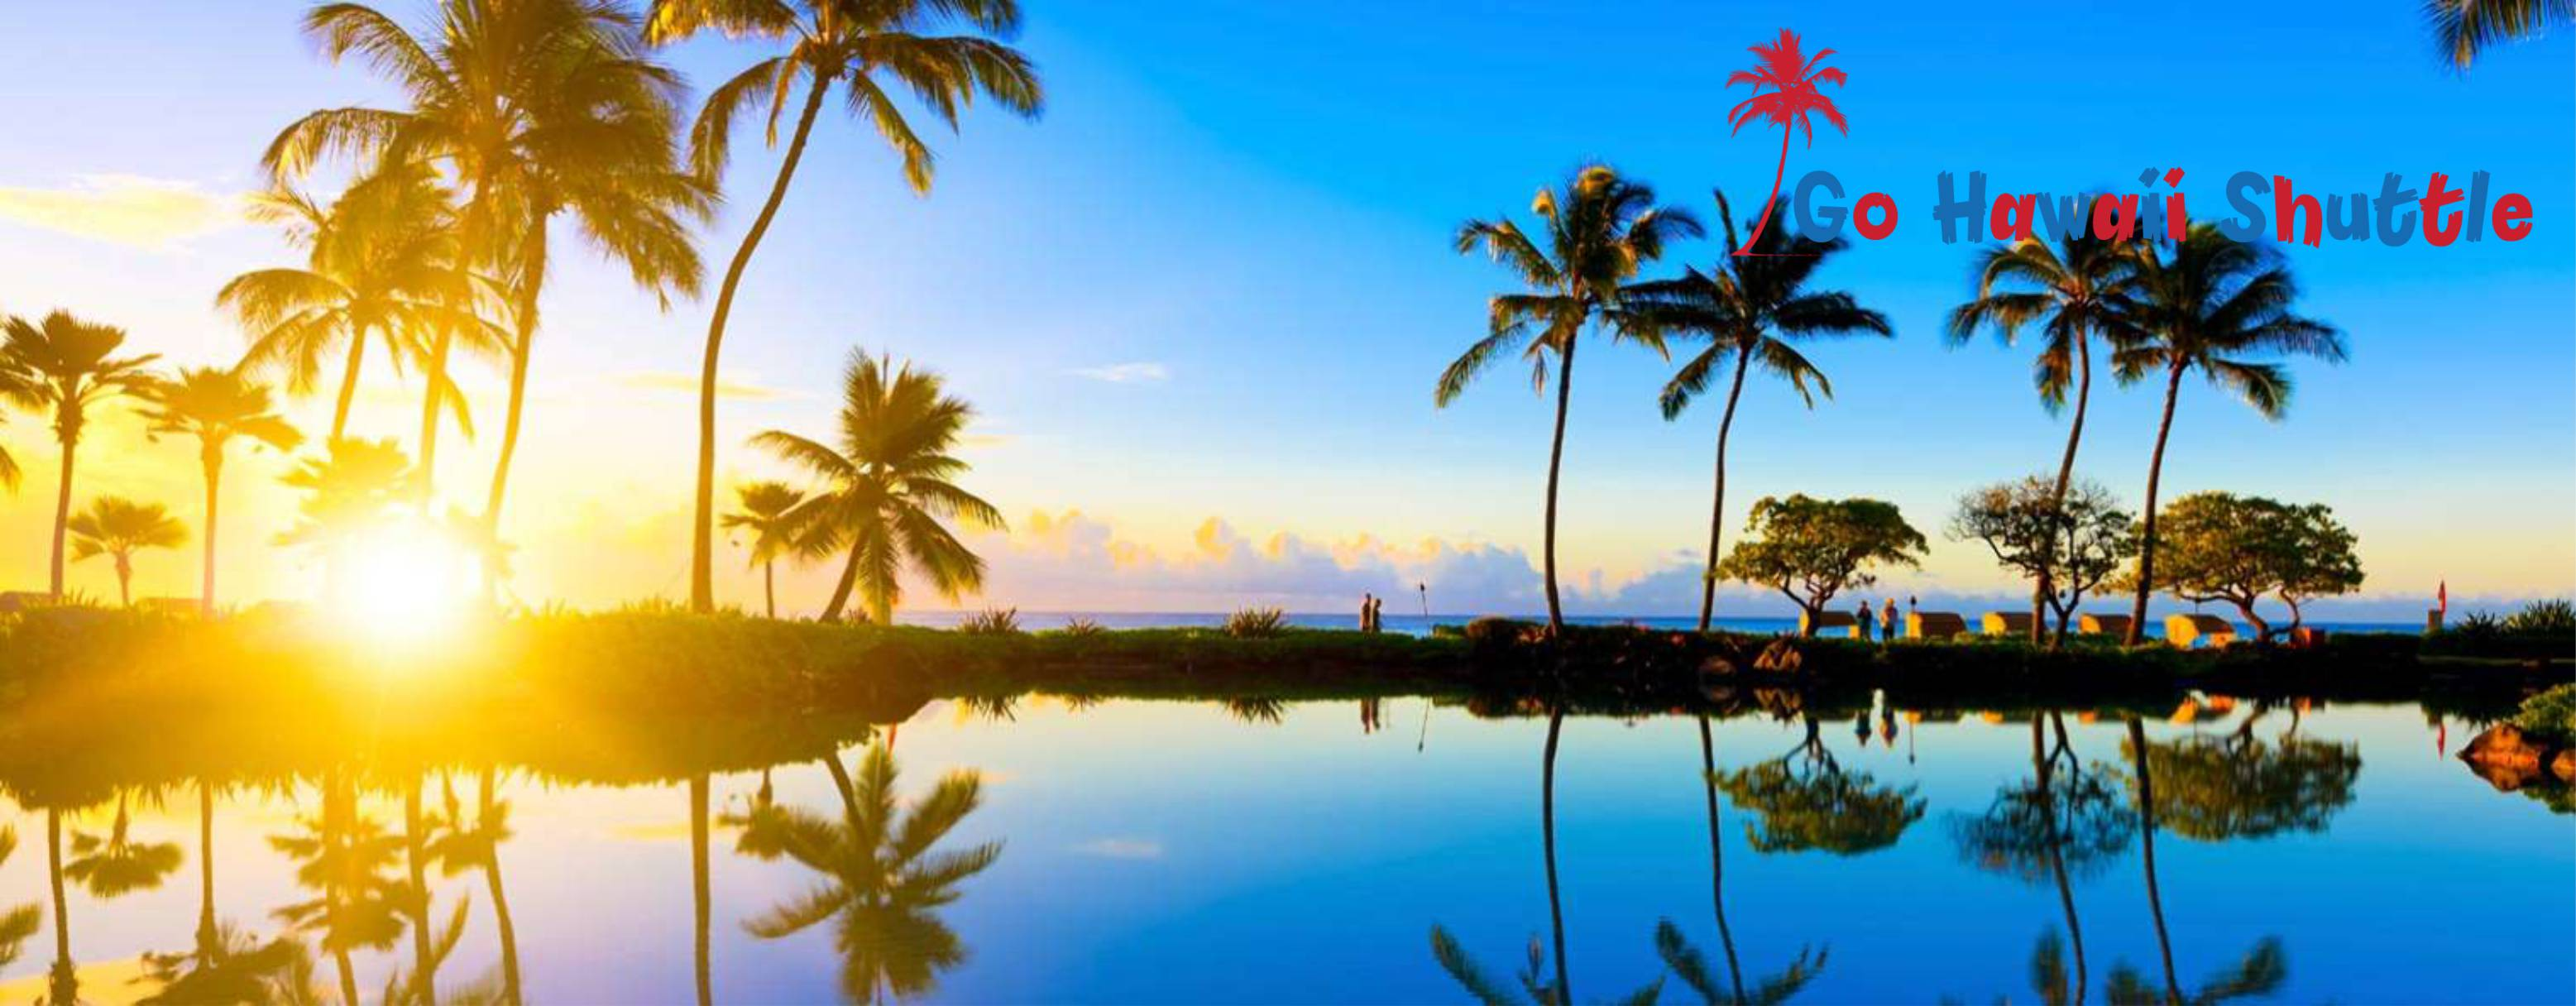 A Cheap Waikiki Hotel Shuttle